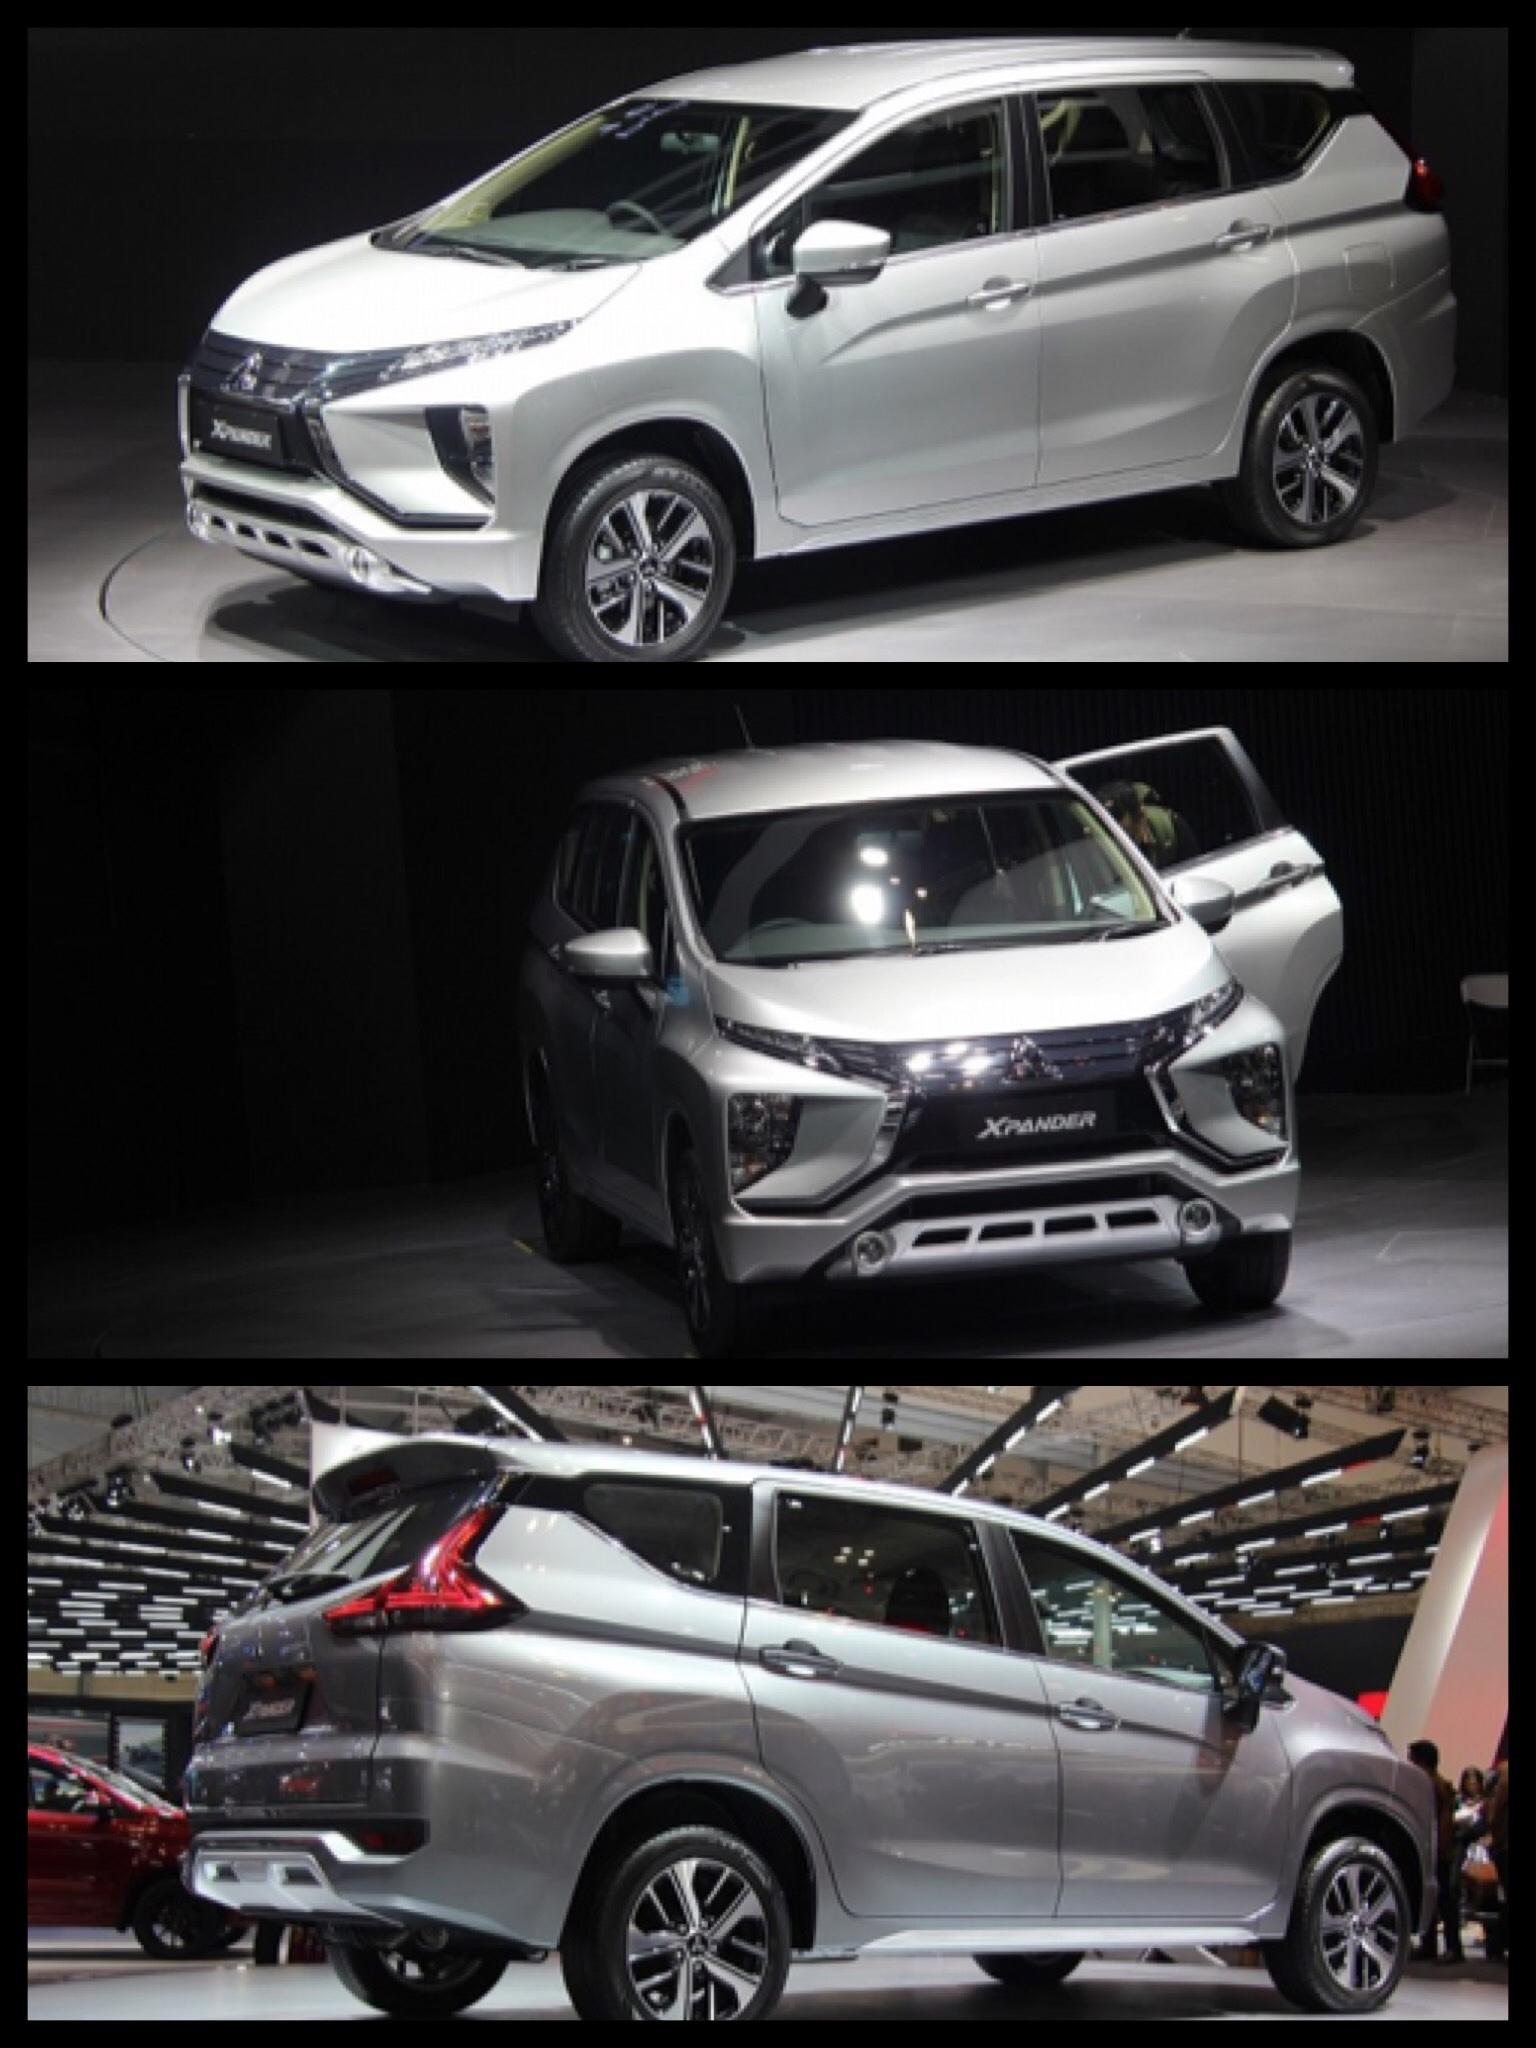 三菱 新型MPV エクスパンダー Xpander インドネシア